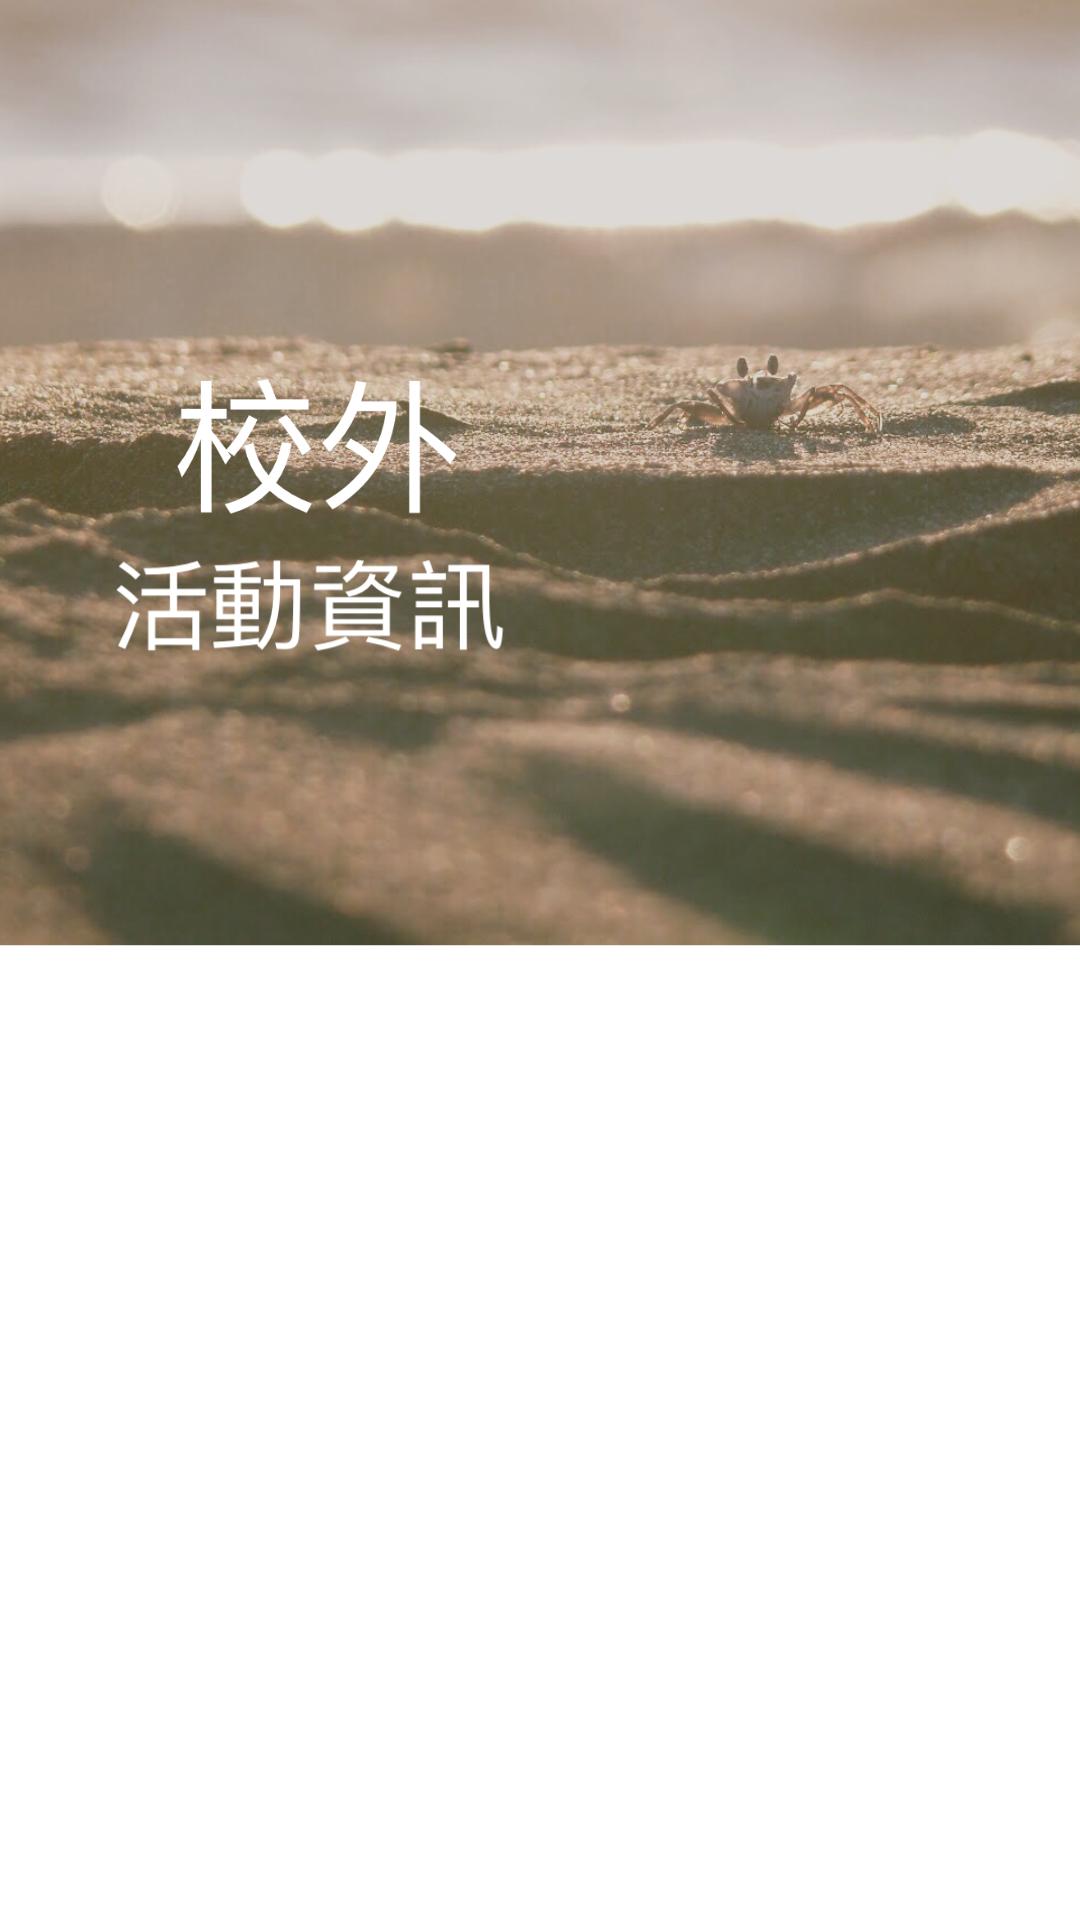 國立清華大學辦理「108學年度寒假課程設計技術研習營實施計畫」